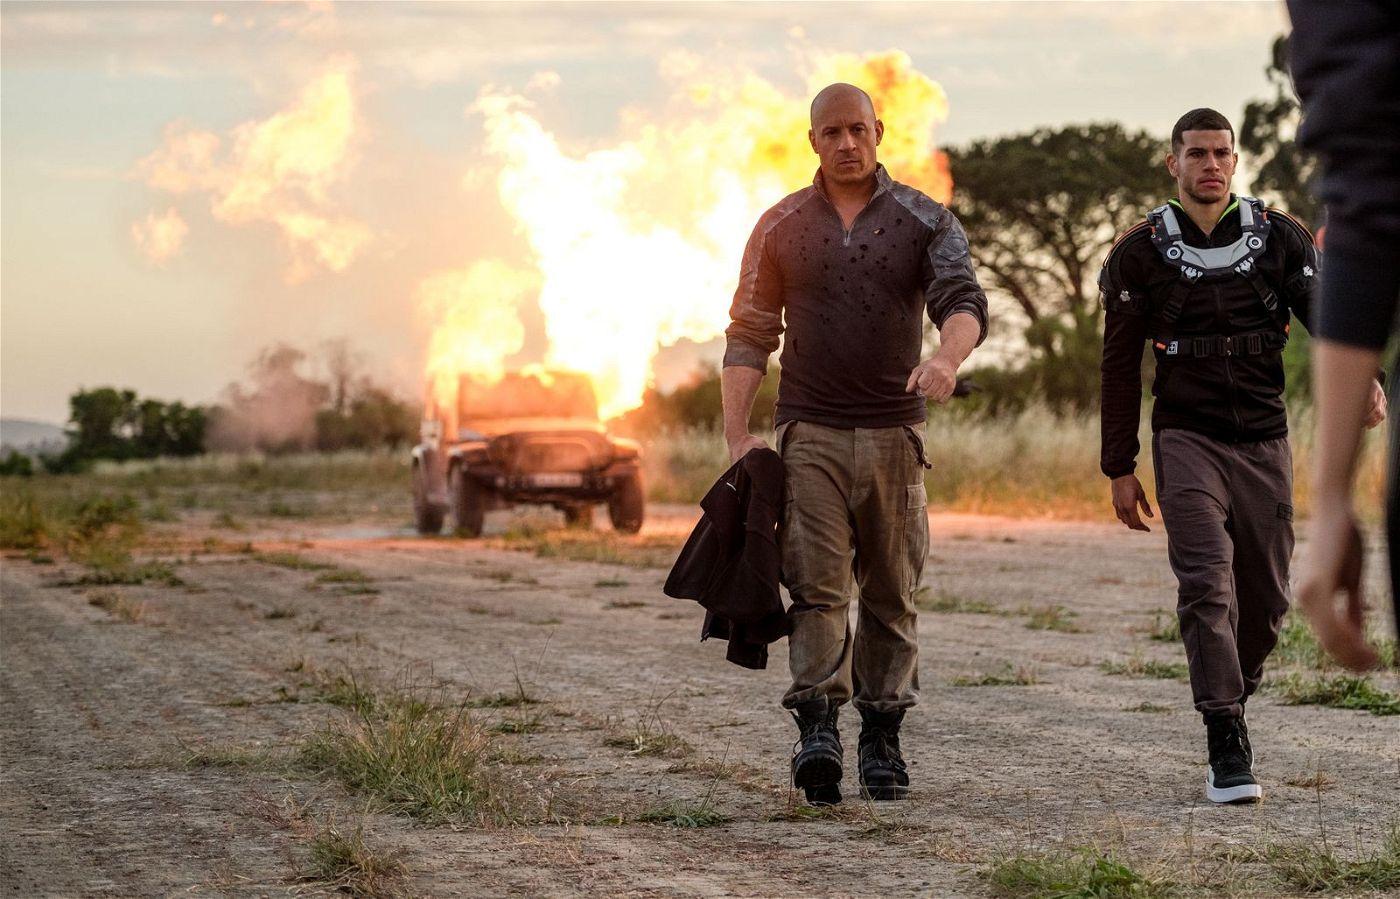 Ray Garrison (Vin Diesel, links), der von dem ebenfalls hochgerüsteten Soldaten Tibbs (Alex Hernandez) begleitet wird, lässt es auf seinem Rachefeldzug ordentlich krachen.